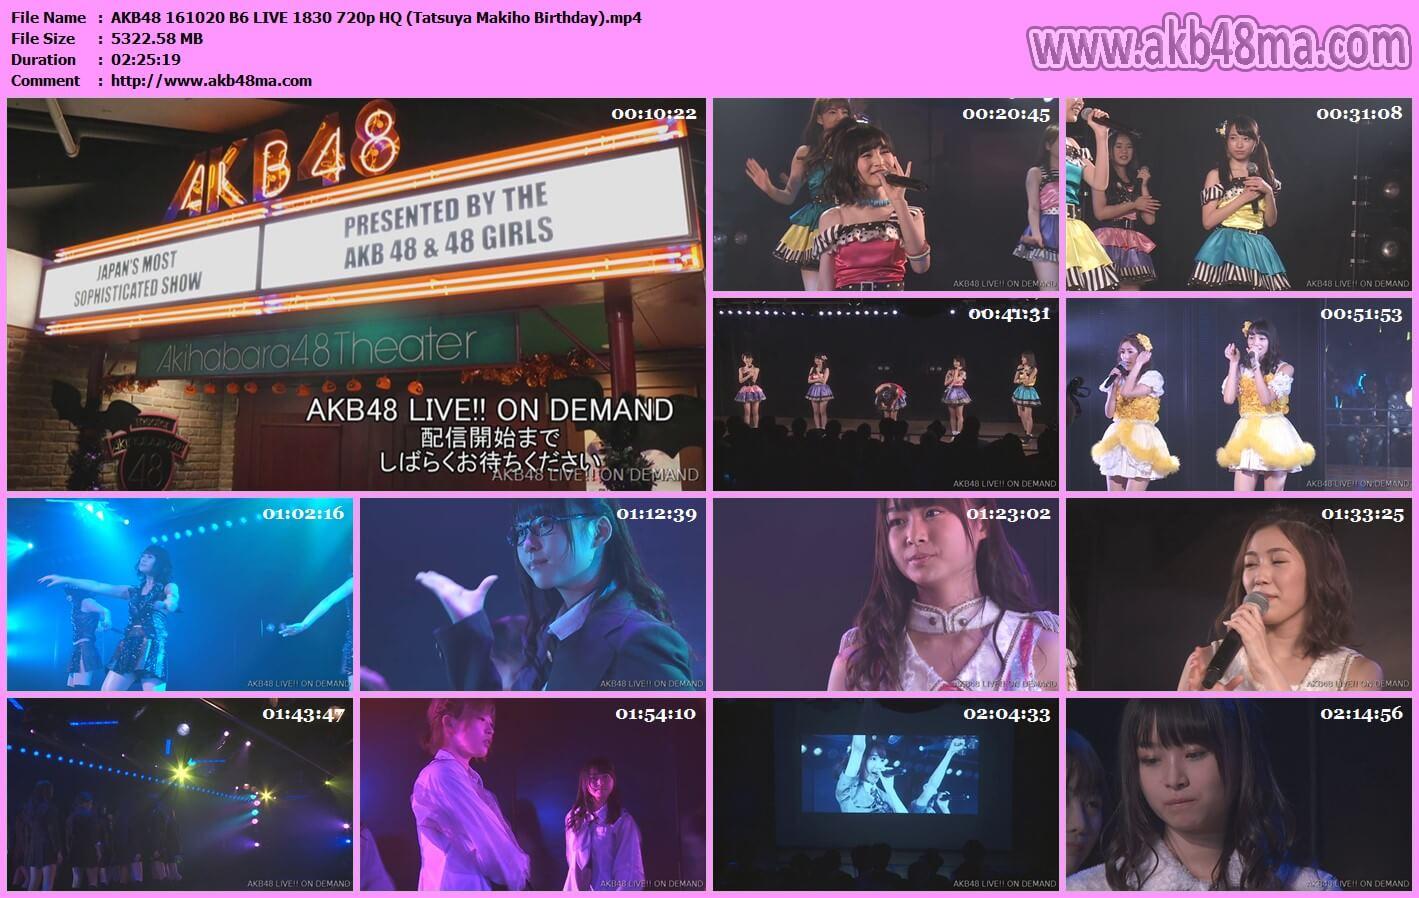 【公演配信】161020 AKB48 チームB「ただいま 恋愛中」公演